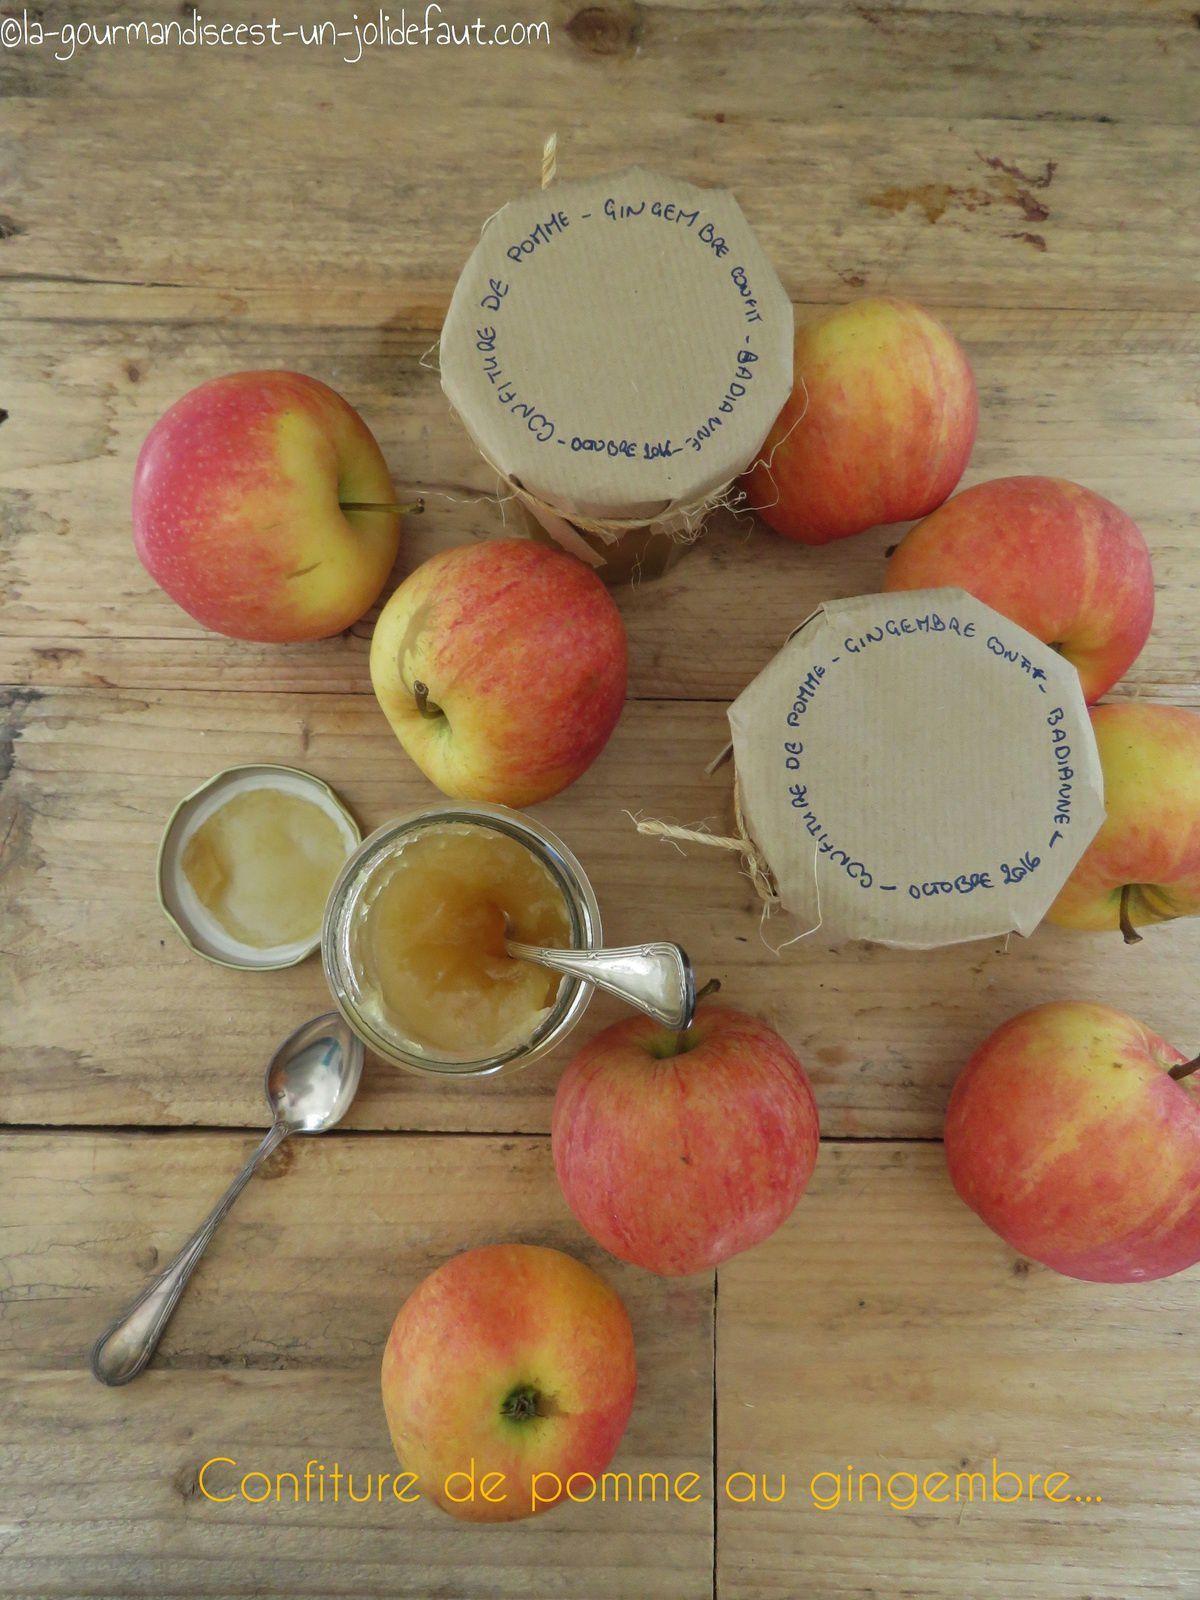 Confiture de pomme au gingembre confit et badiane